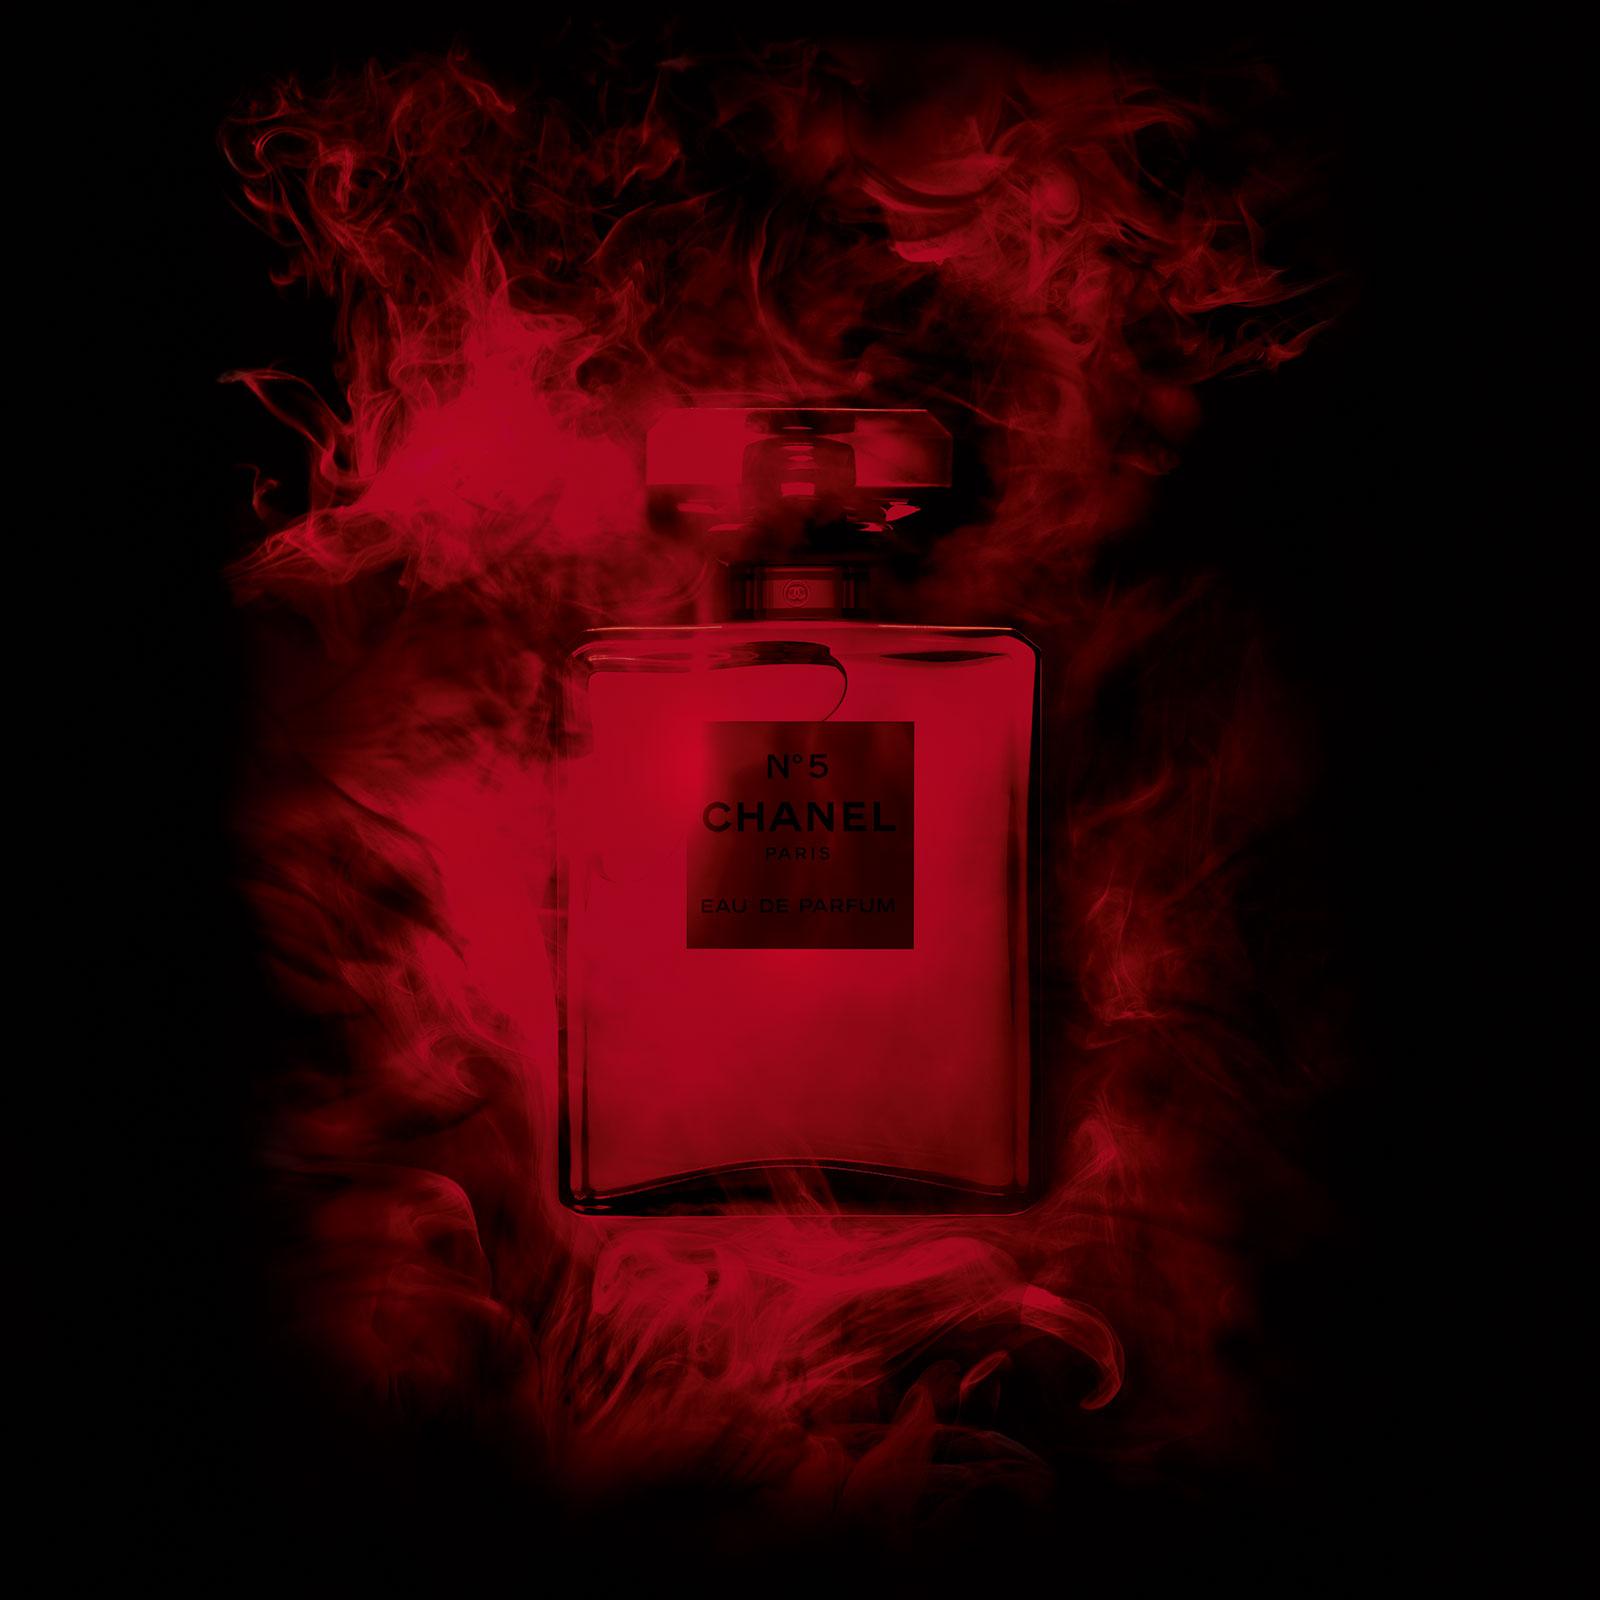 chanel no 5 red ile ilgili görsel sonucu